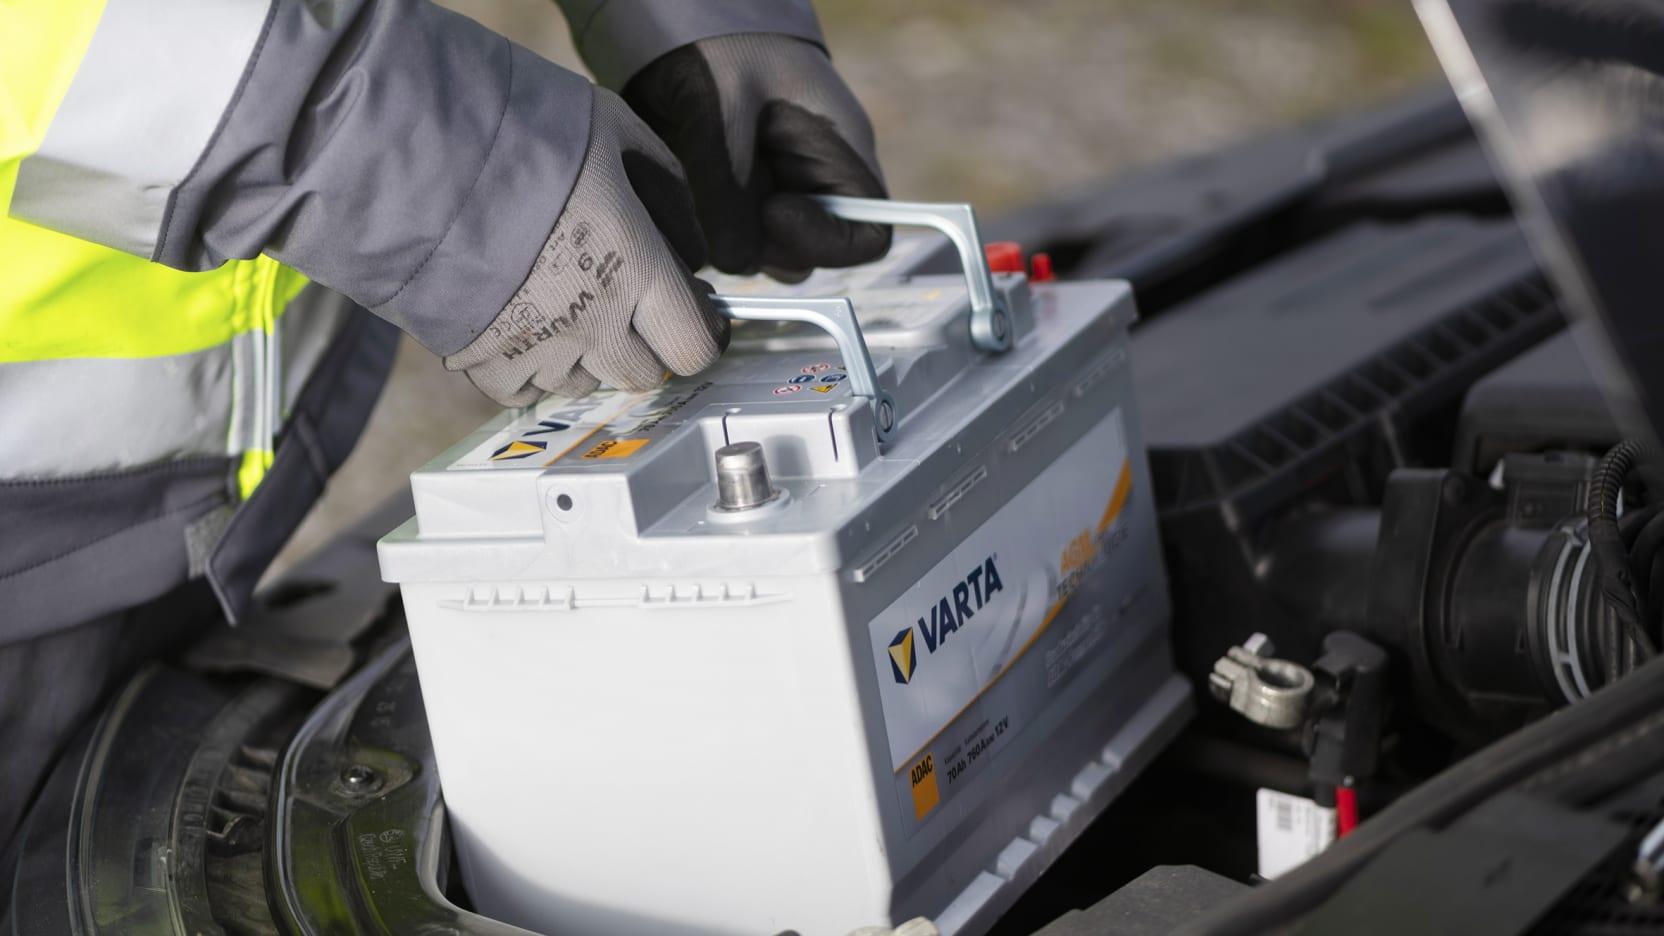 Autobatterie wird eingesetzt